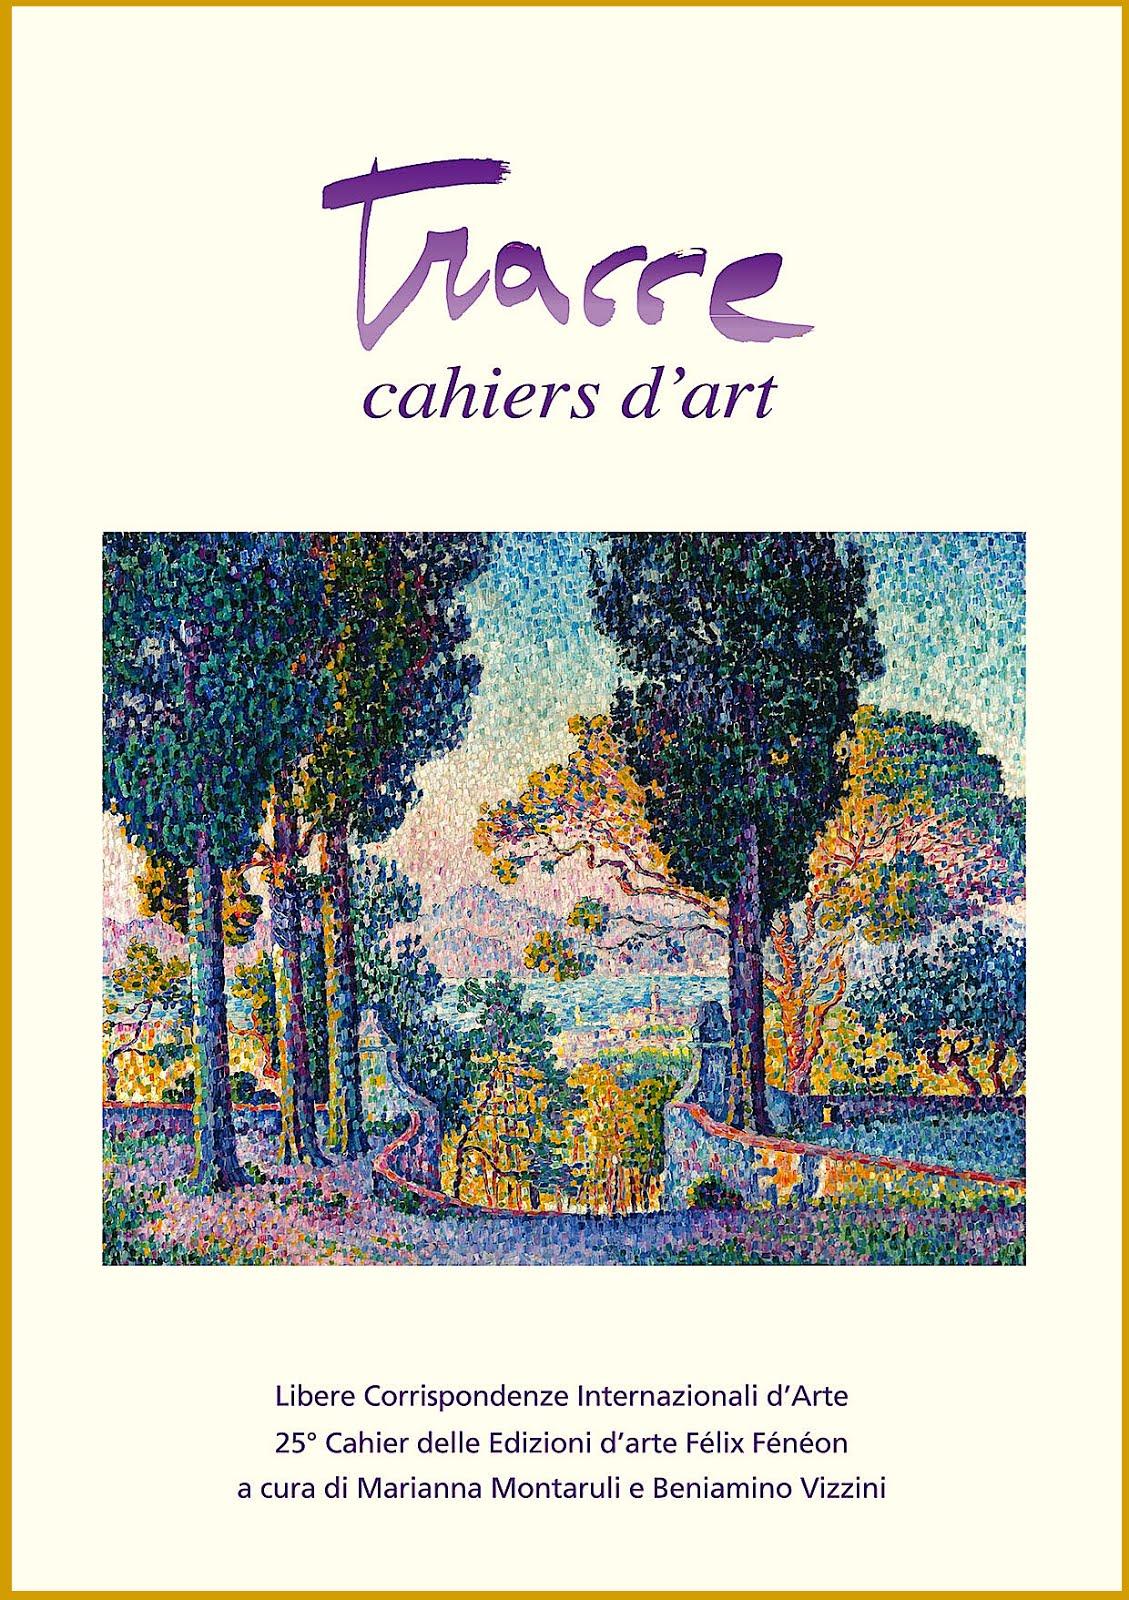 La Copertina del Nuovo N. 25 di TRACCE CAHIERS D'ART. Clic sulla copertina: